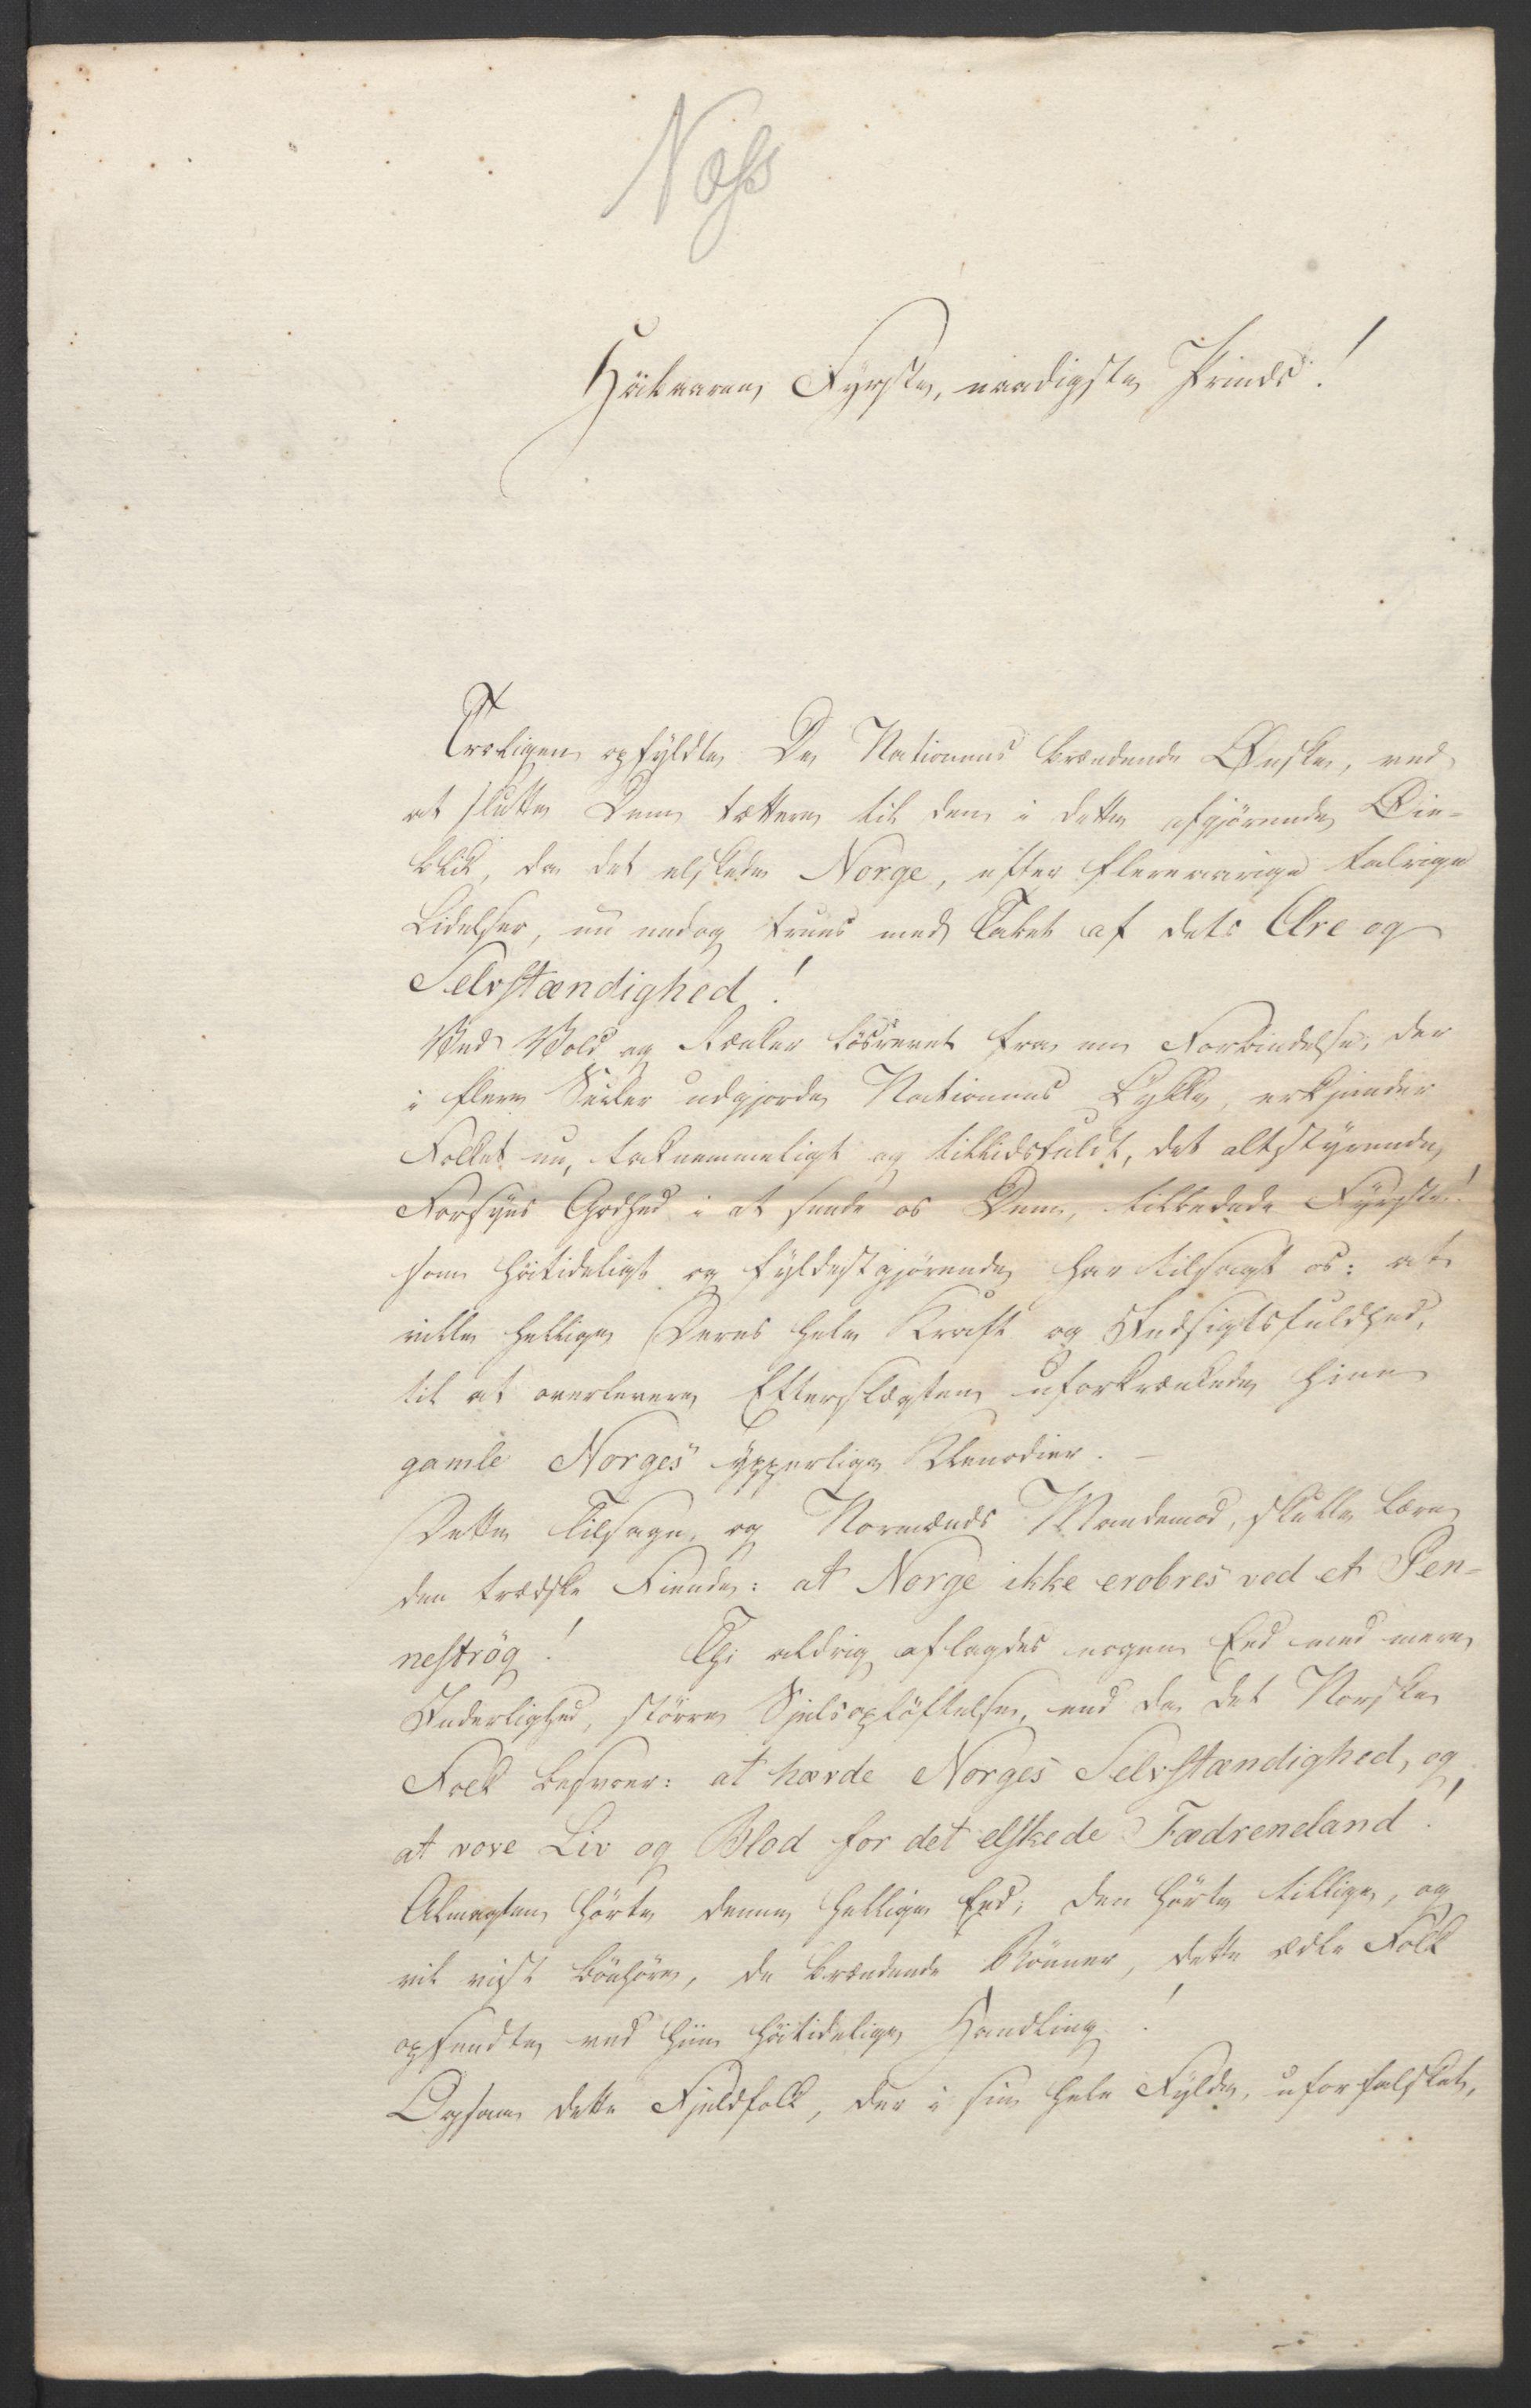 RA, Statsrådssekretariatet, D/Db/L0007: Fullmakter for Eidsvollsrepresentantene i 1814. , 1814, s. 326